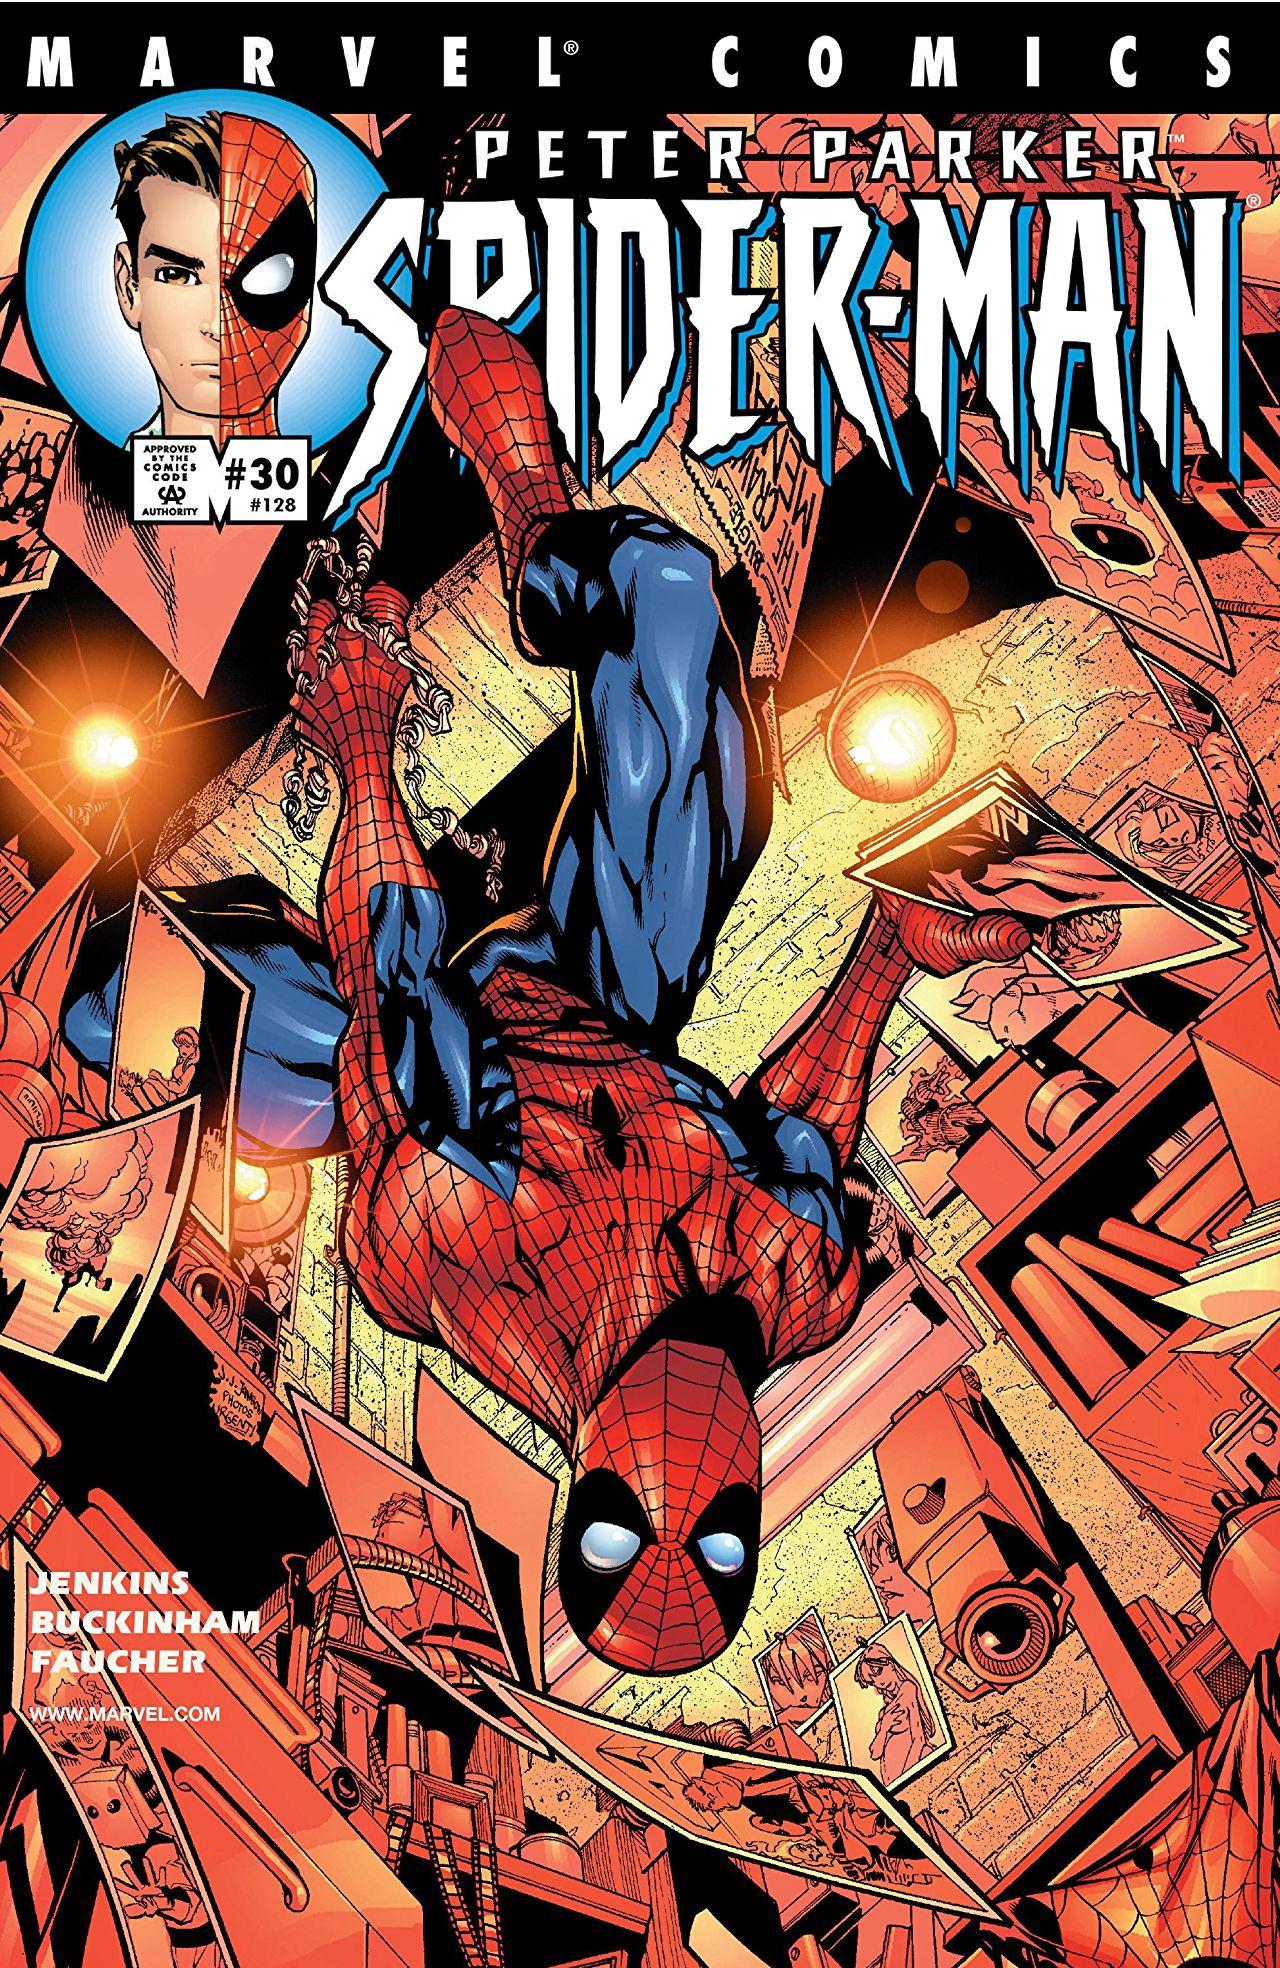 Peter Parker: Spider-Man Vol 1 30